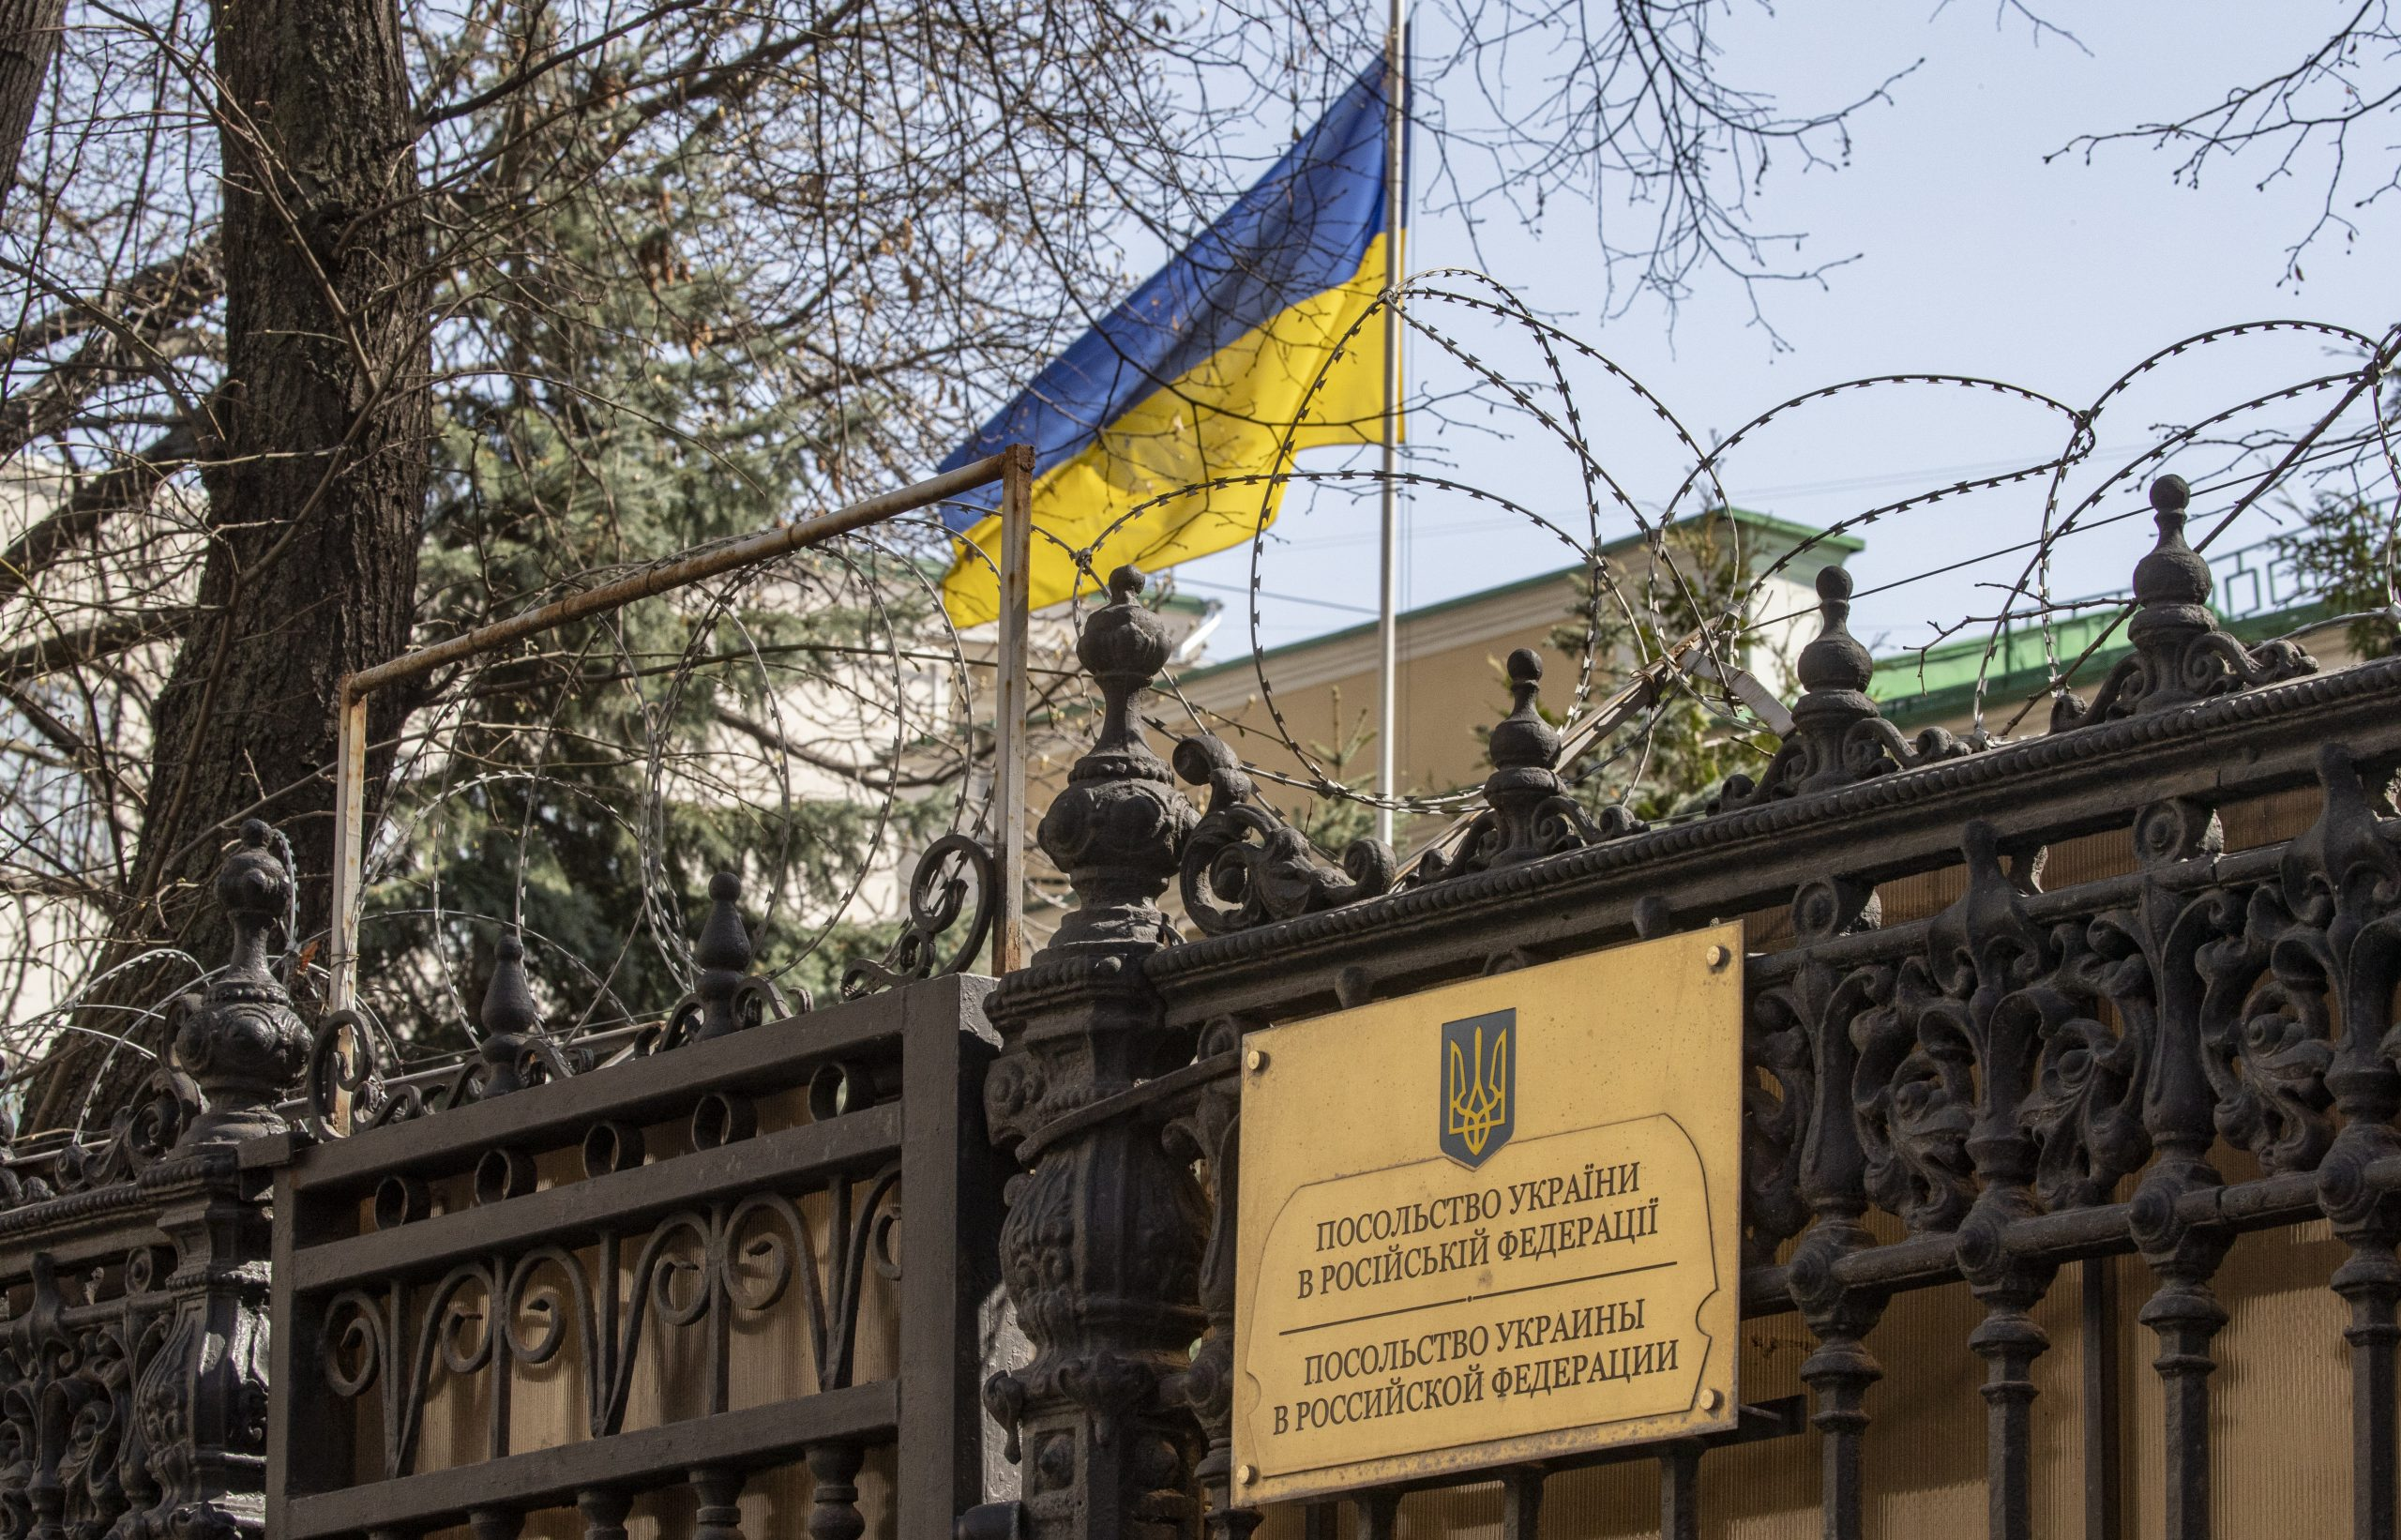 Ukrajinska ambasada u Moskvi